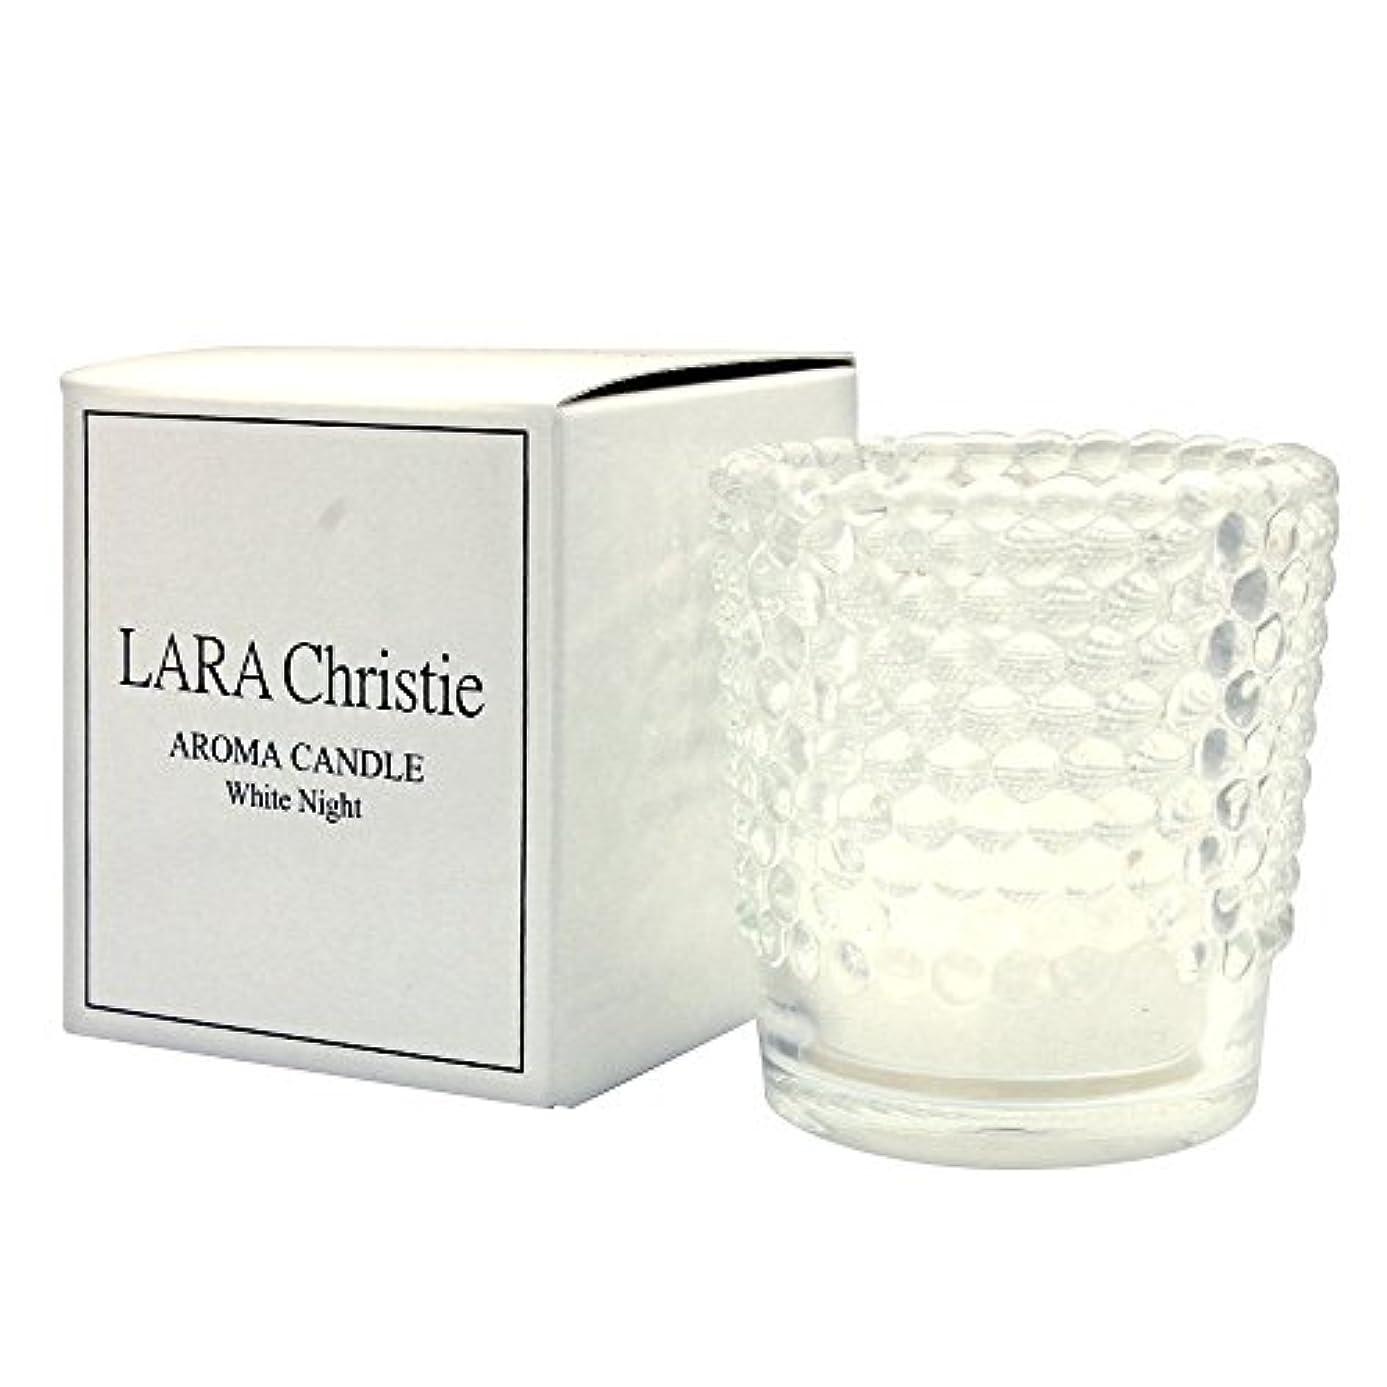 喉が渇いたスーダン取るに足らない[ララクリスティー] LARA Christie ホワイトナイト アロマキャンドル [ WHITE Label ] a0011-w